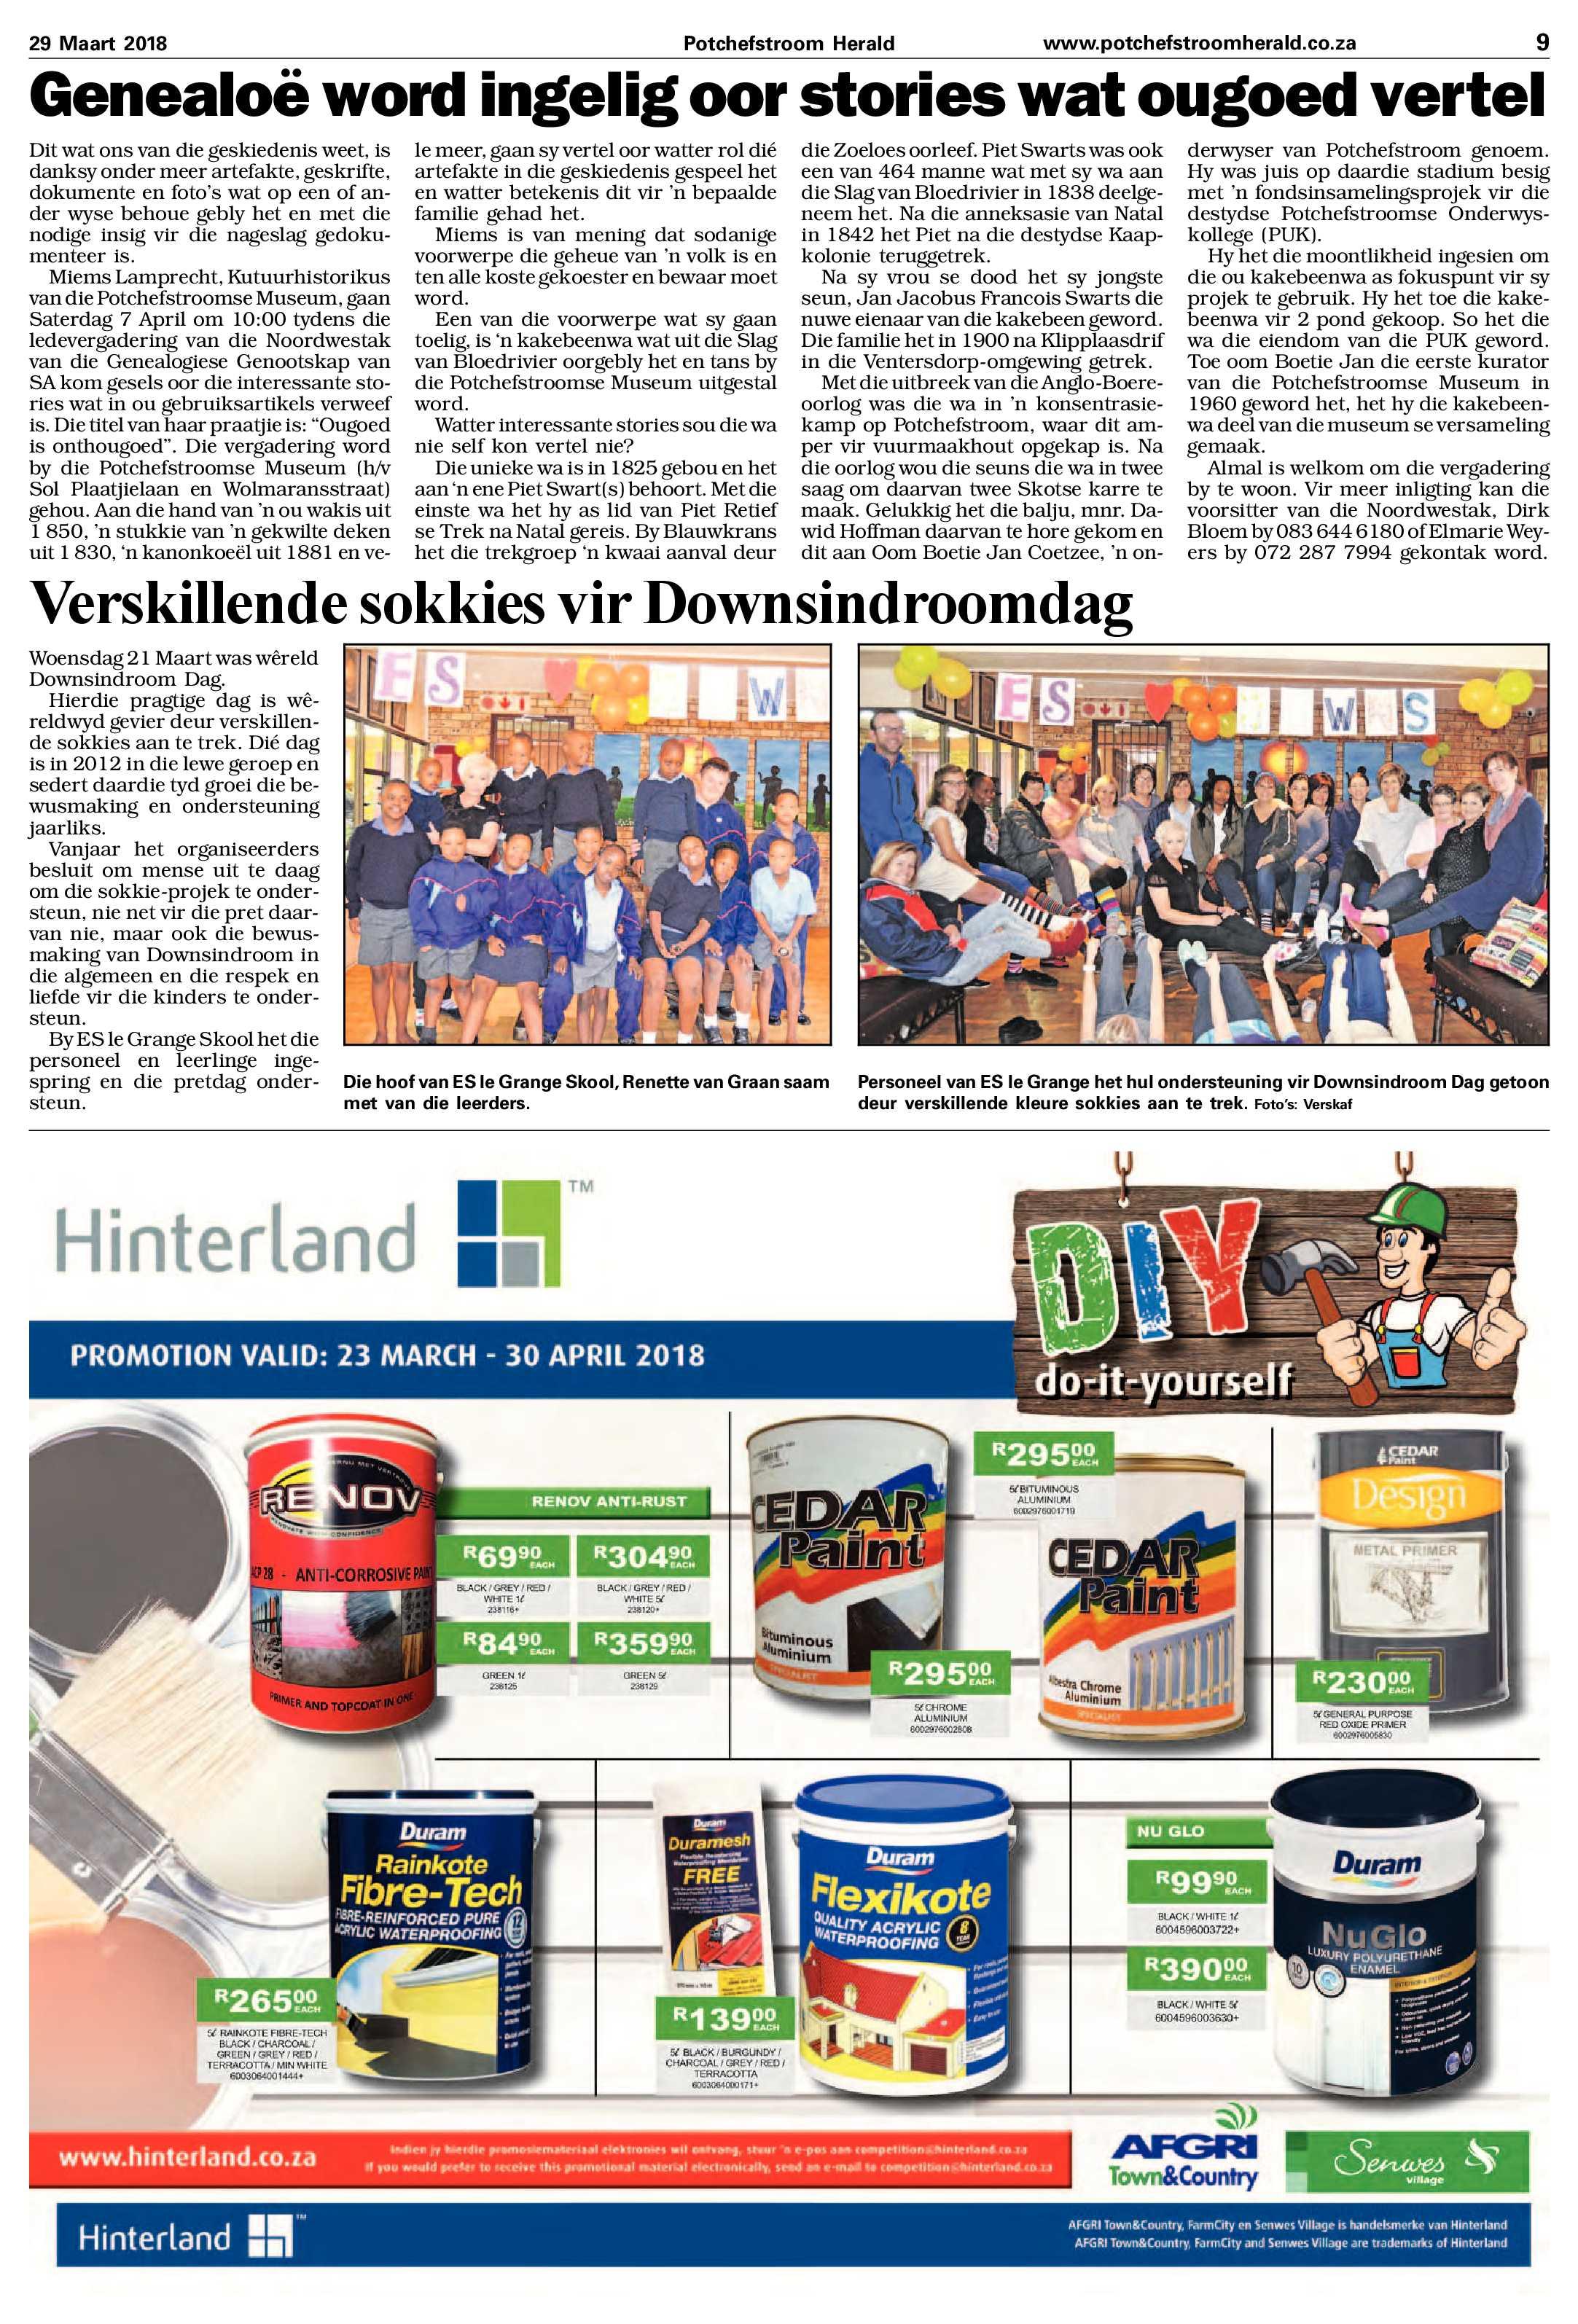 29-maart-2018-epapers-page-9